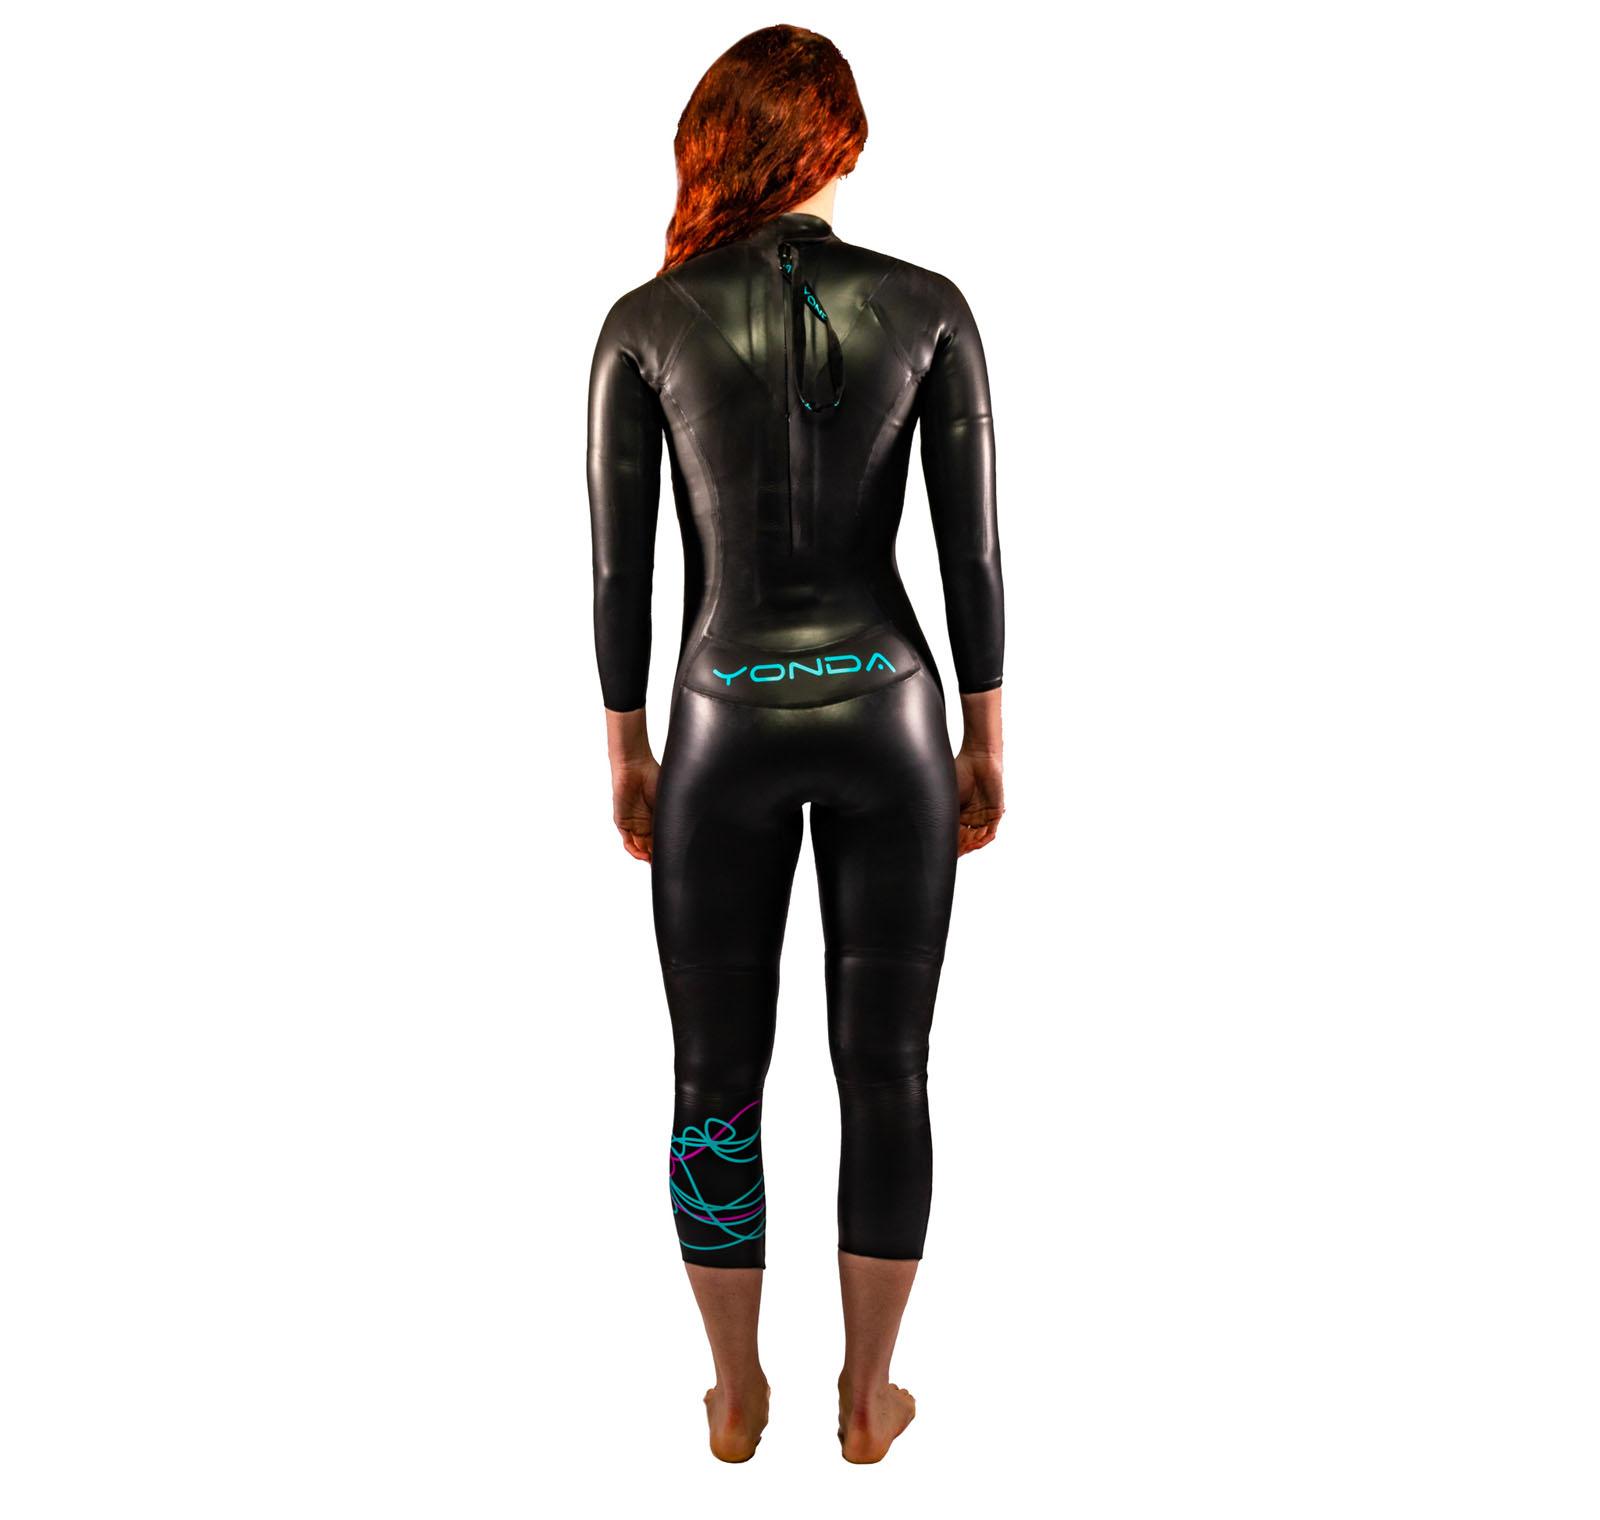 Yonda 2020 Spectre - Women's Wetsuit